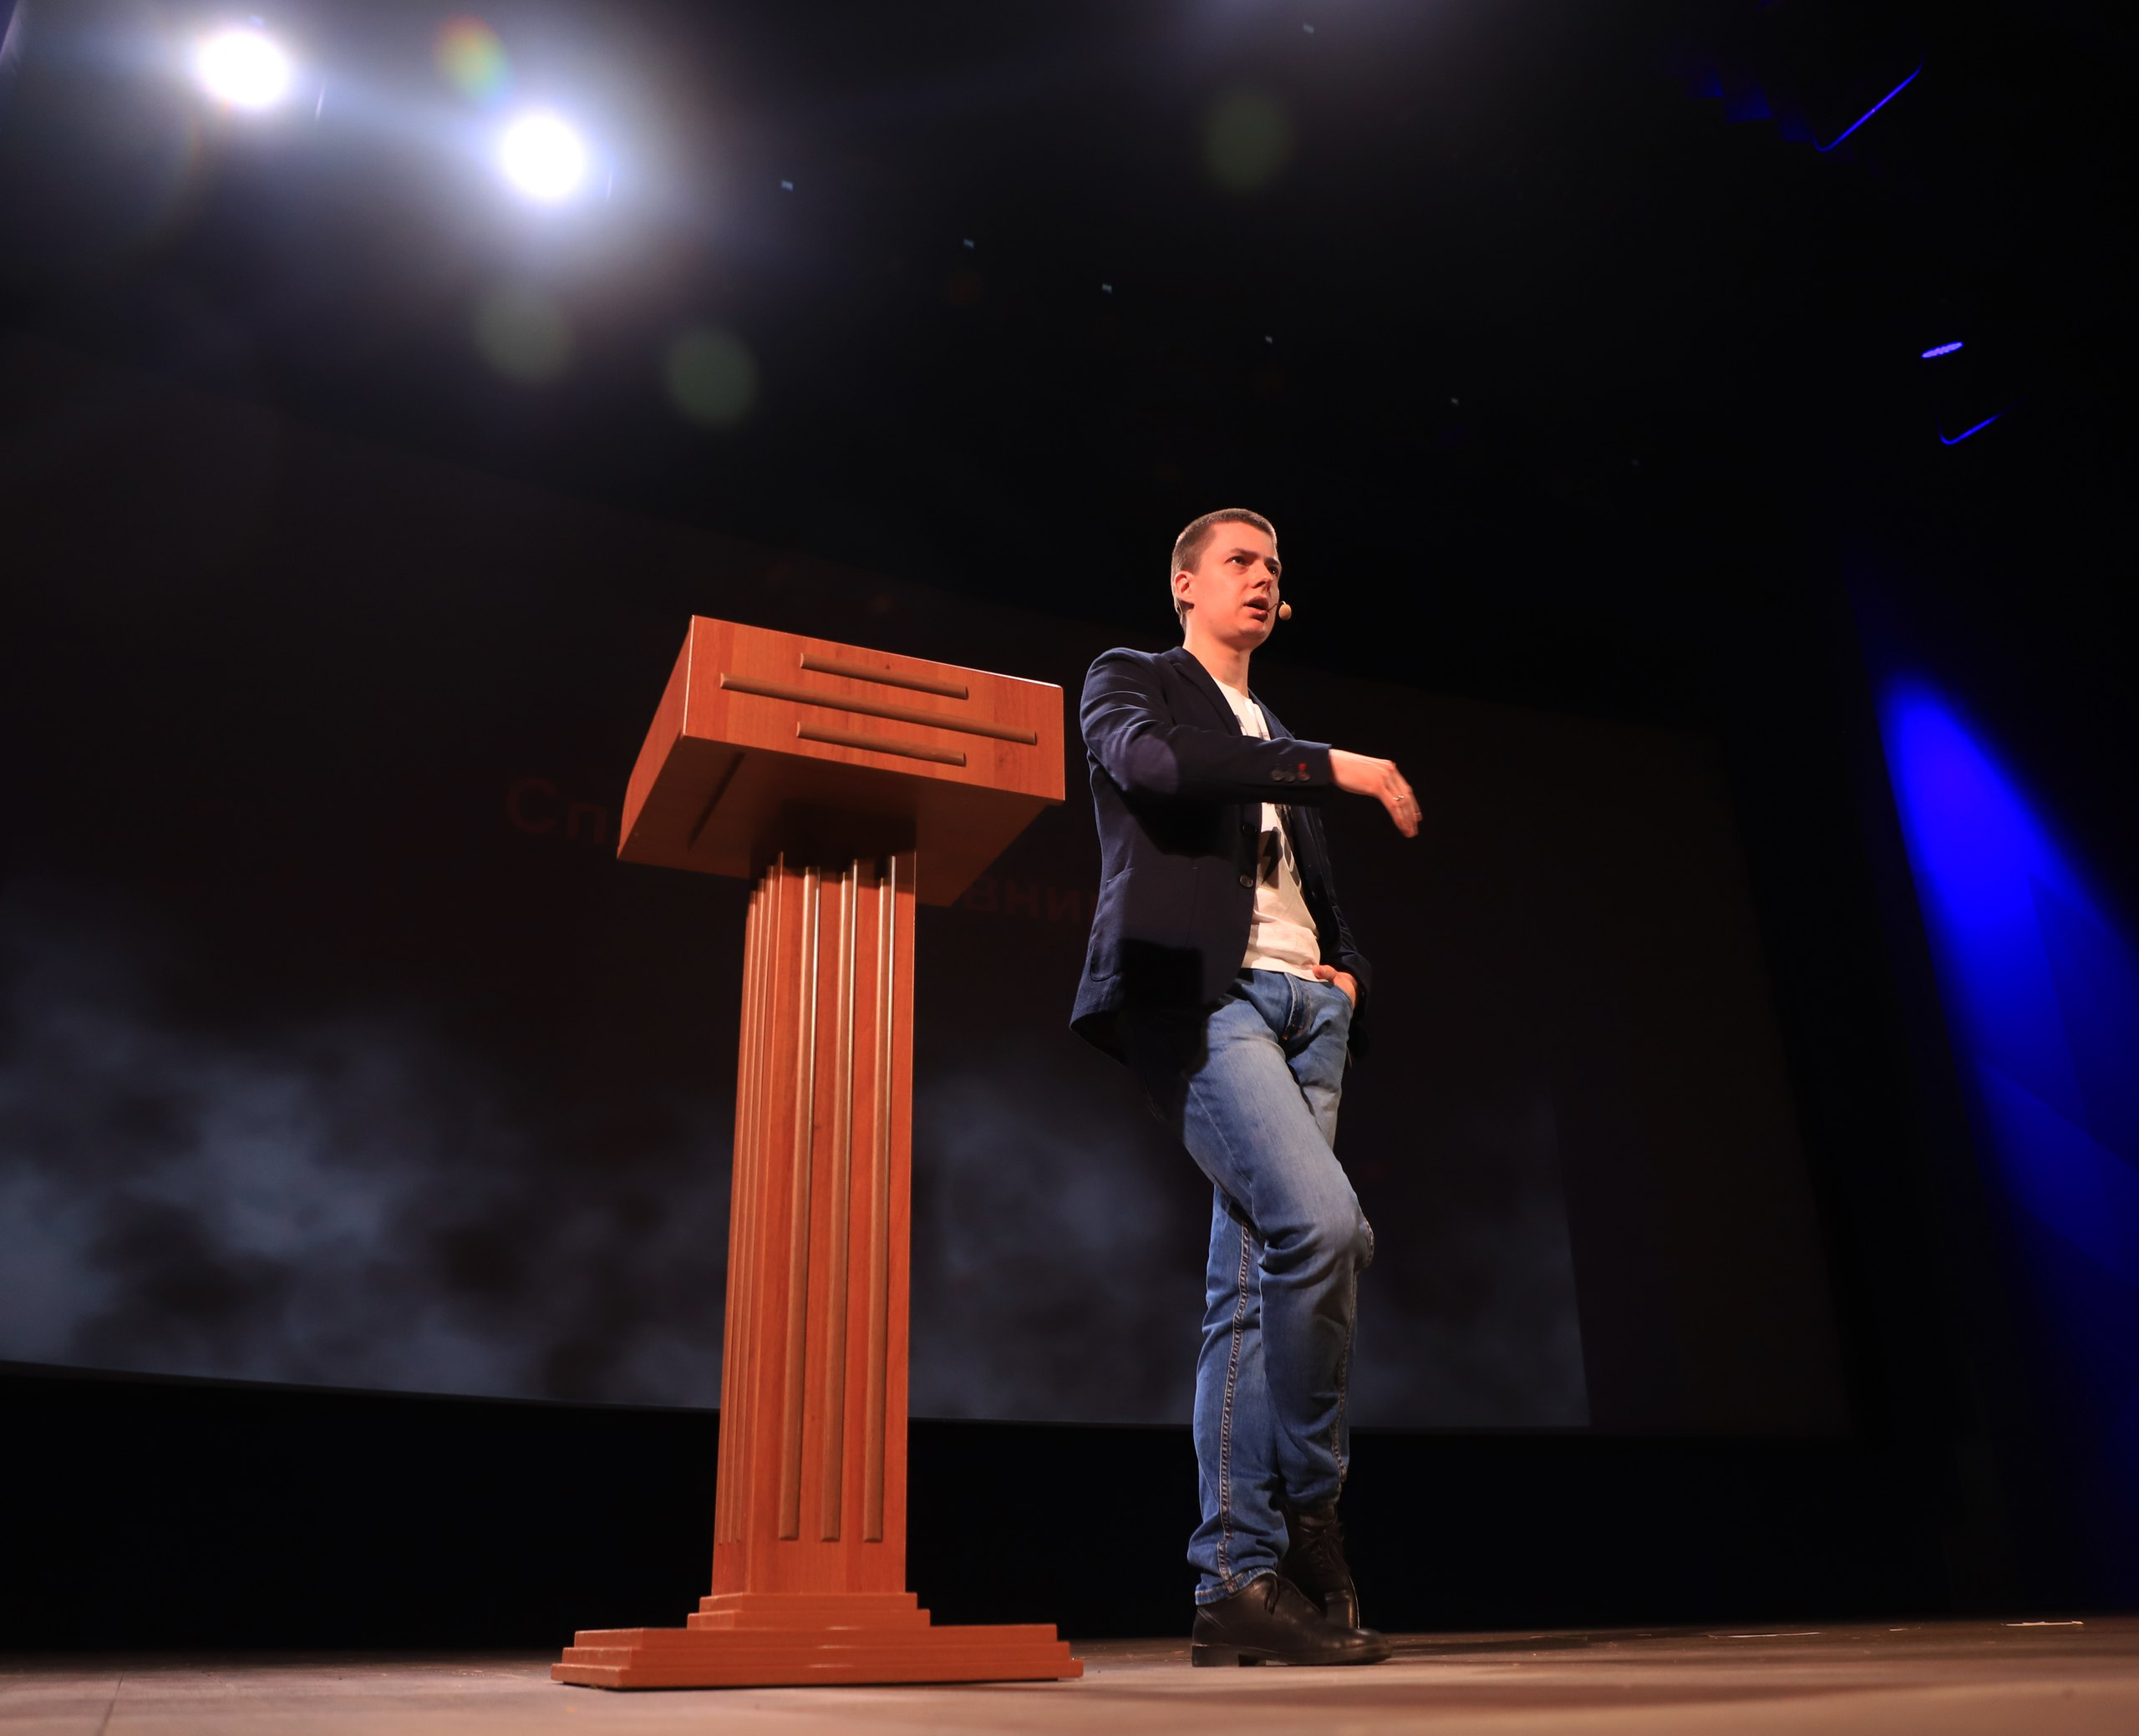 Фёдор Сенатов рассказывает опаранормальных свойствах вполне нормальных материалов. || Фото G.R. Photo